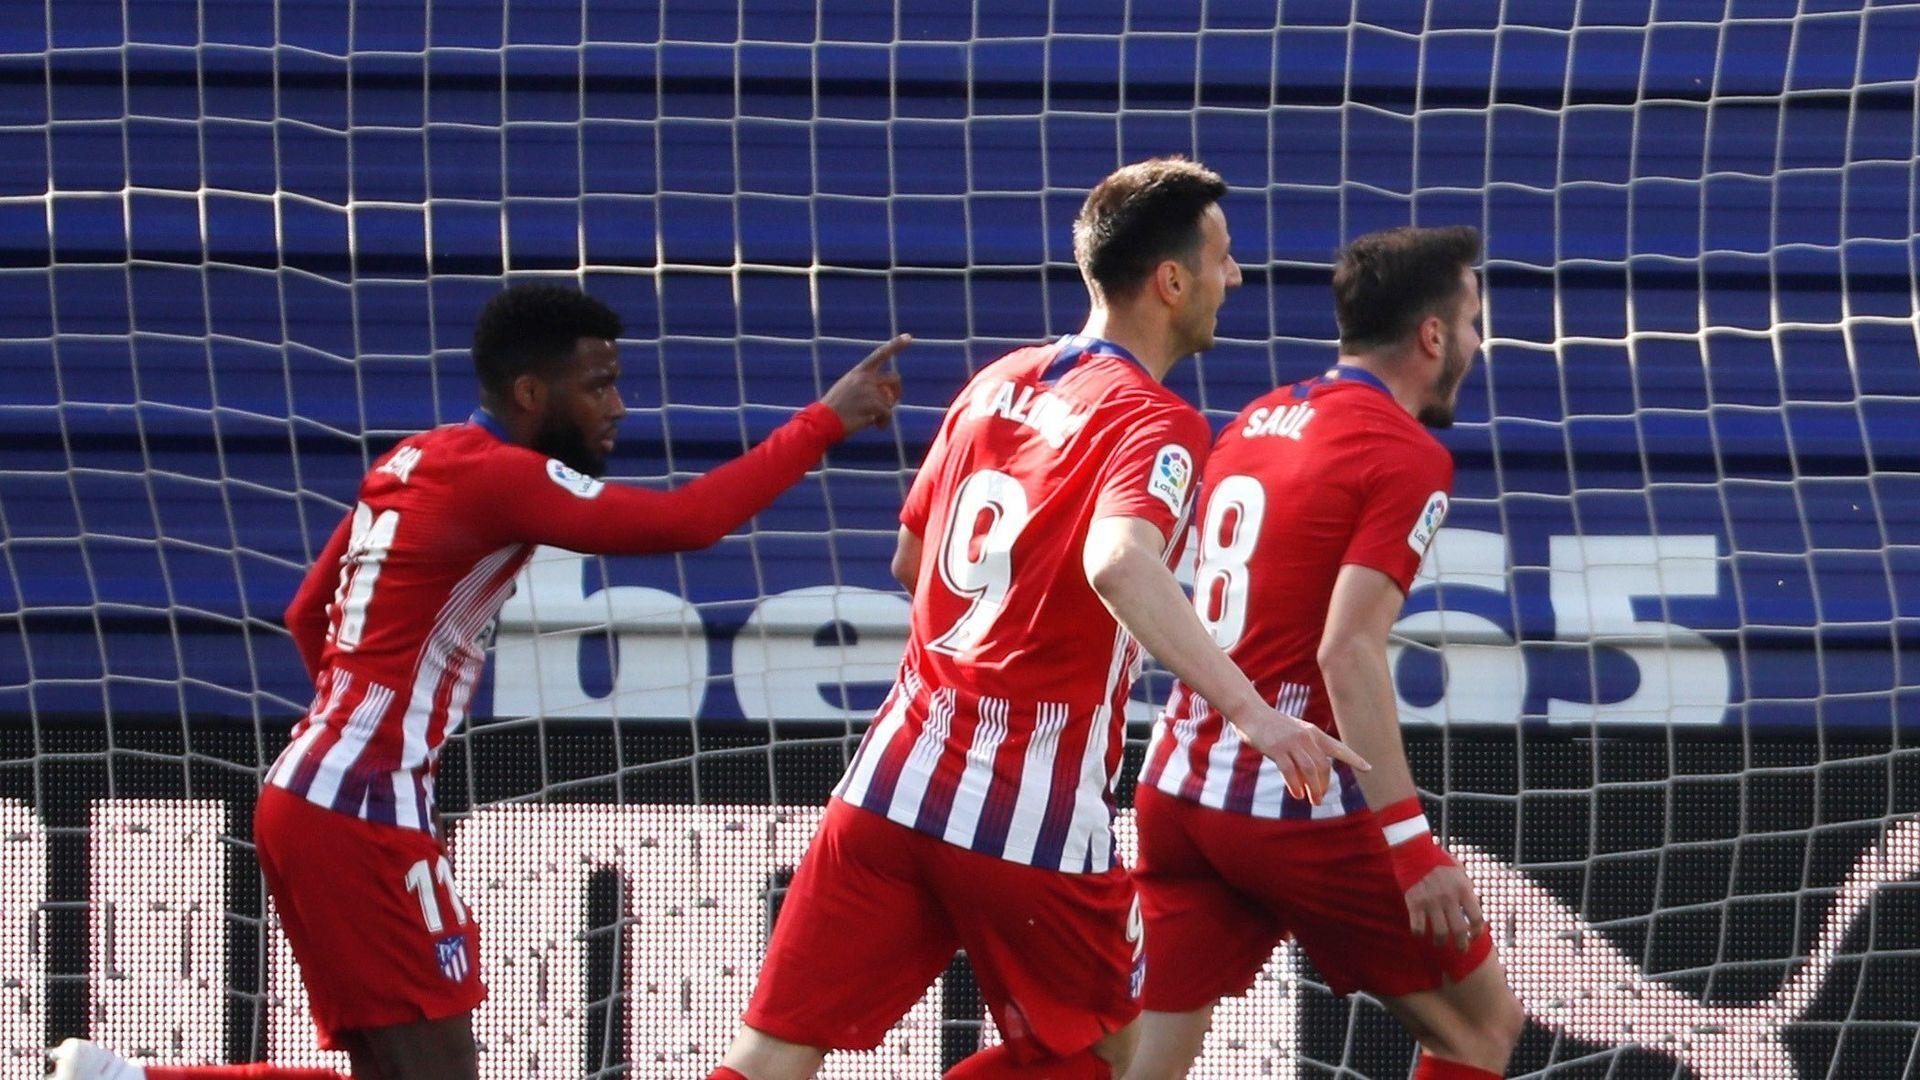 Lemar salva los tres puntos para el Atlético ante el Eibar en Ipurua (0-1)